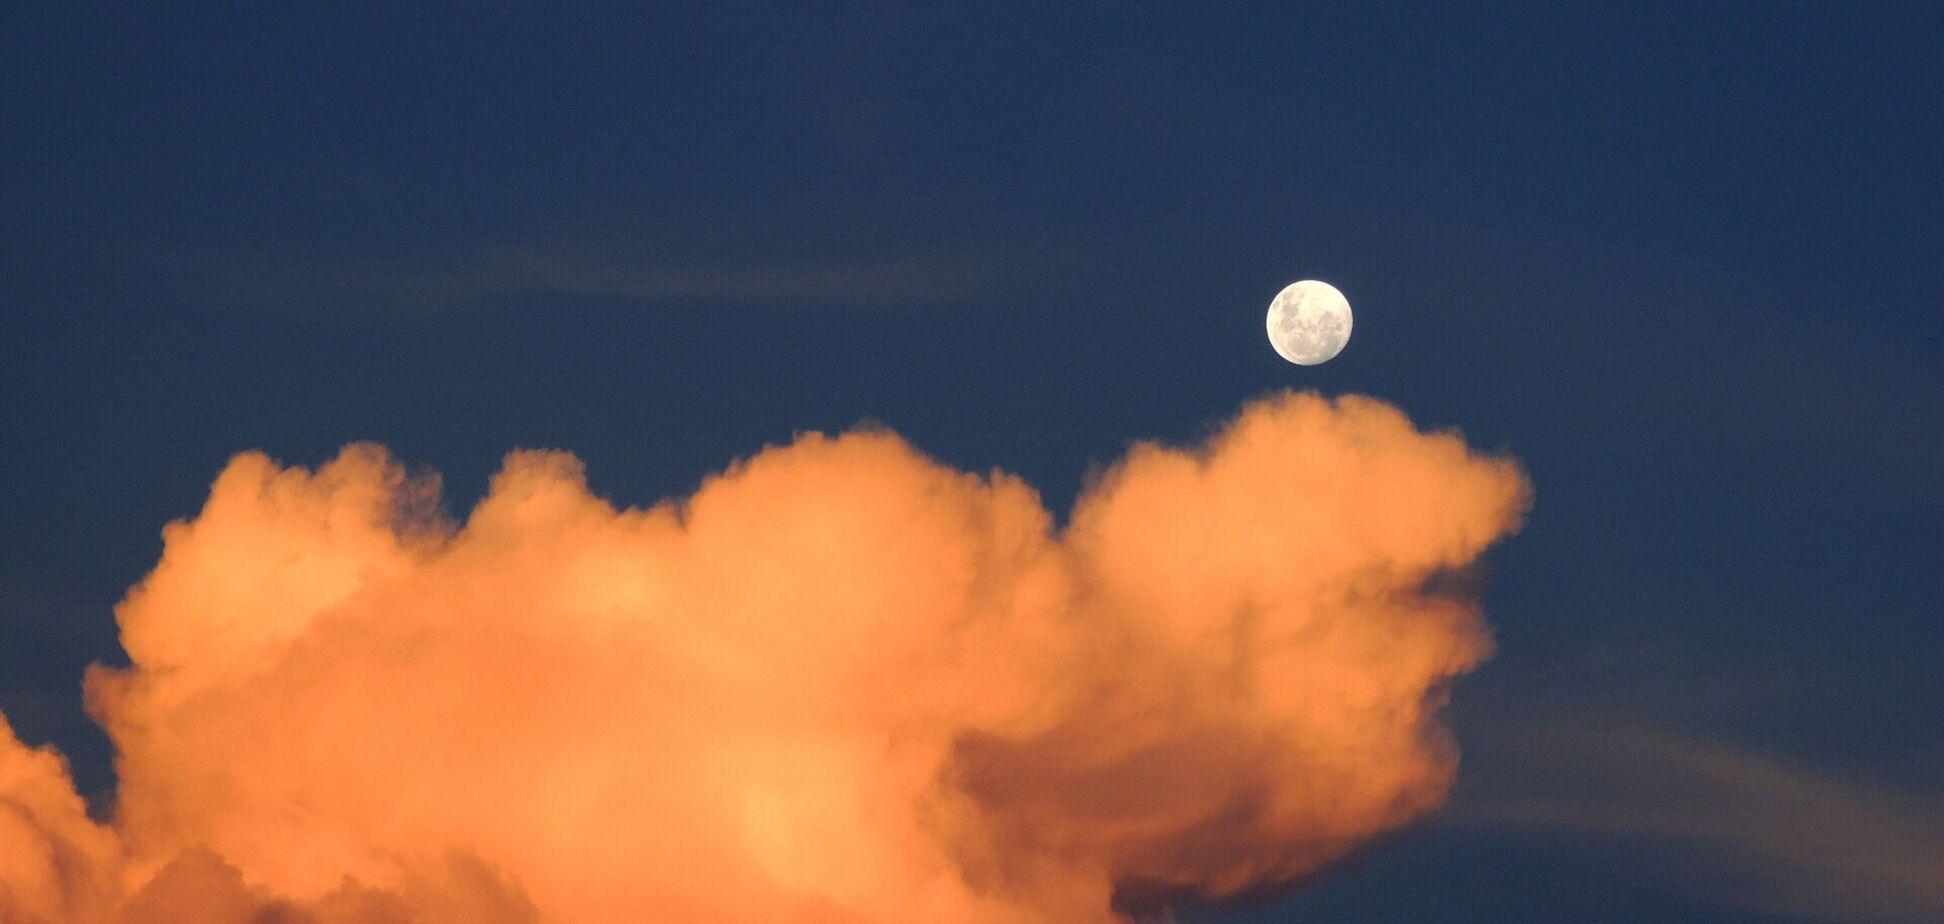 Гороскоп на 13 листопада: на що вкаже Місяць